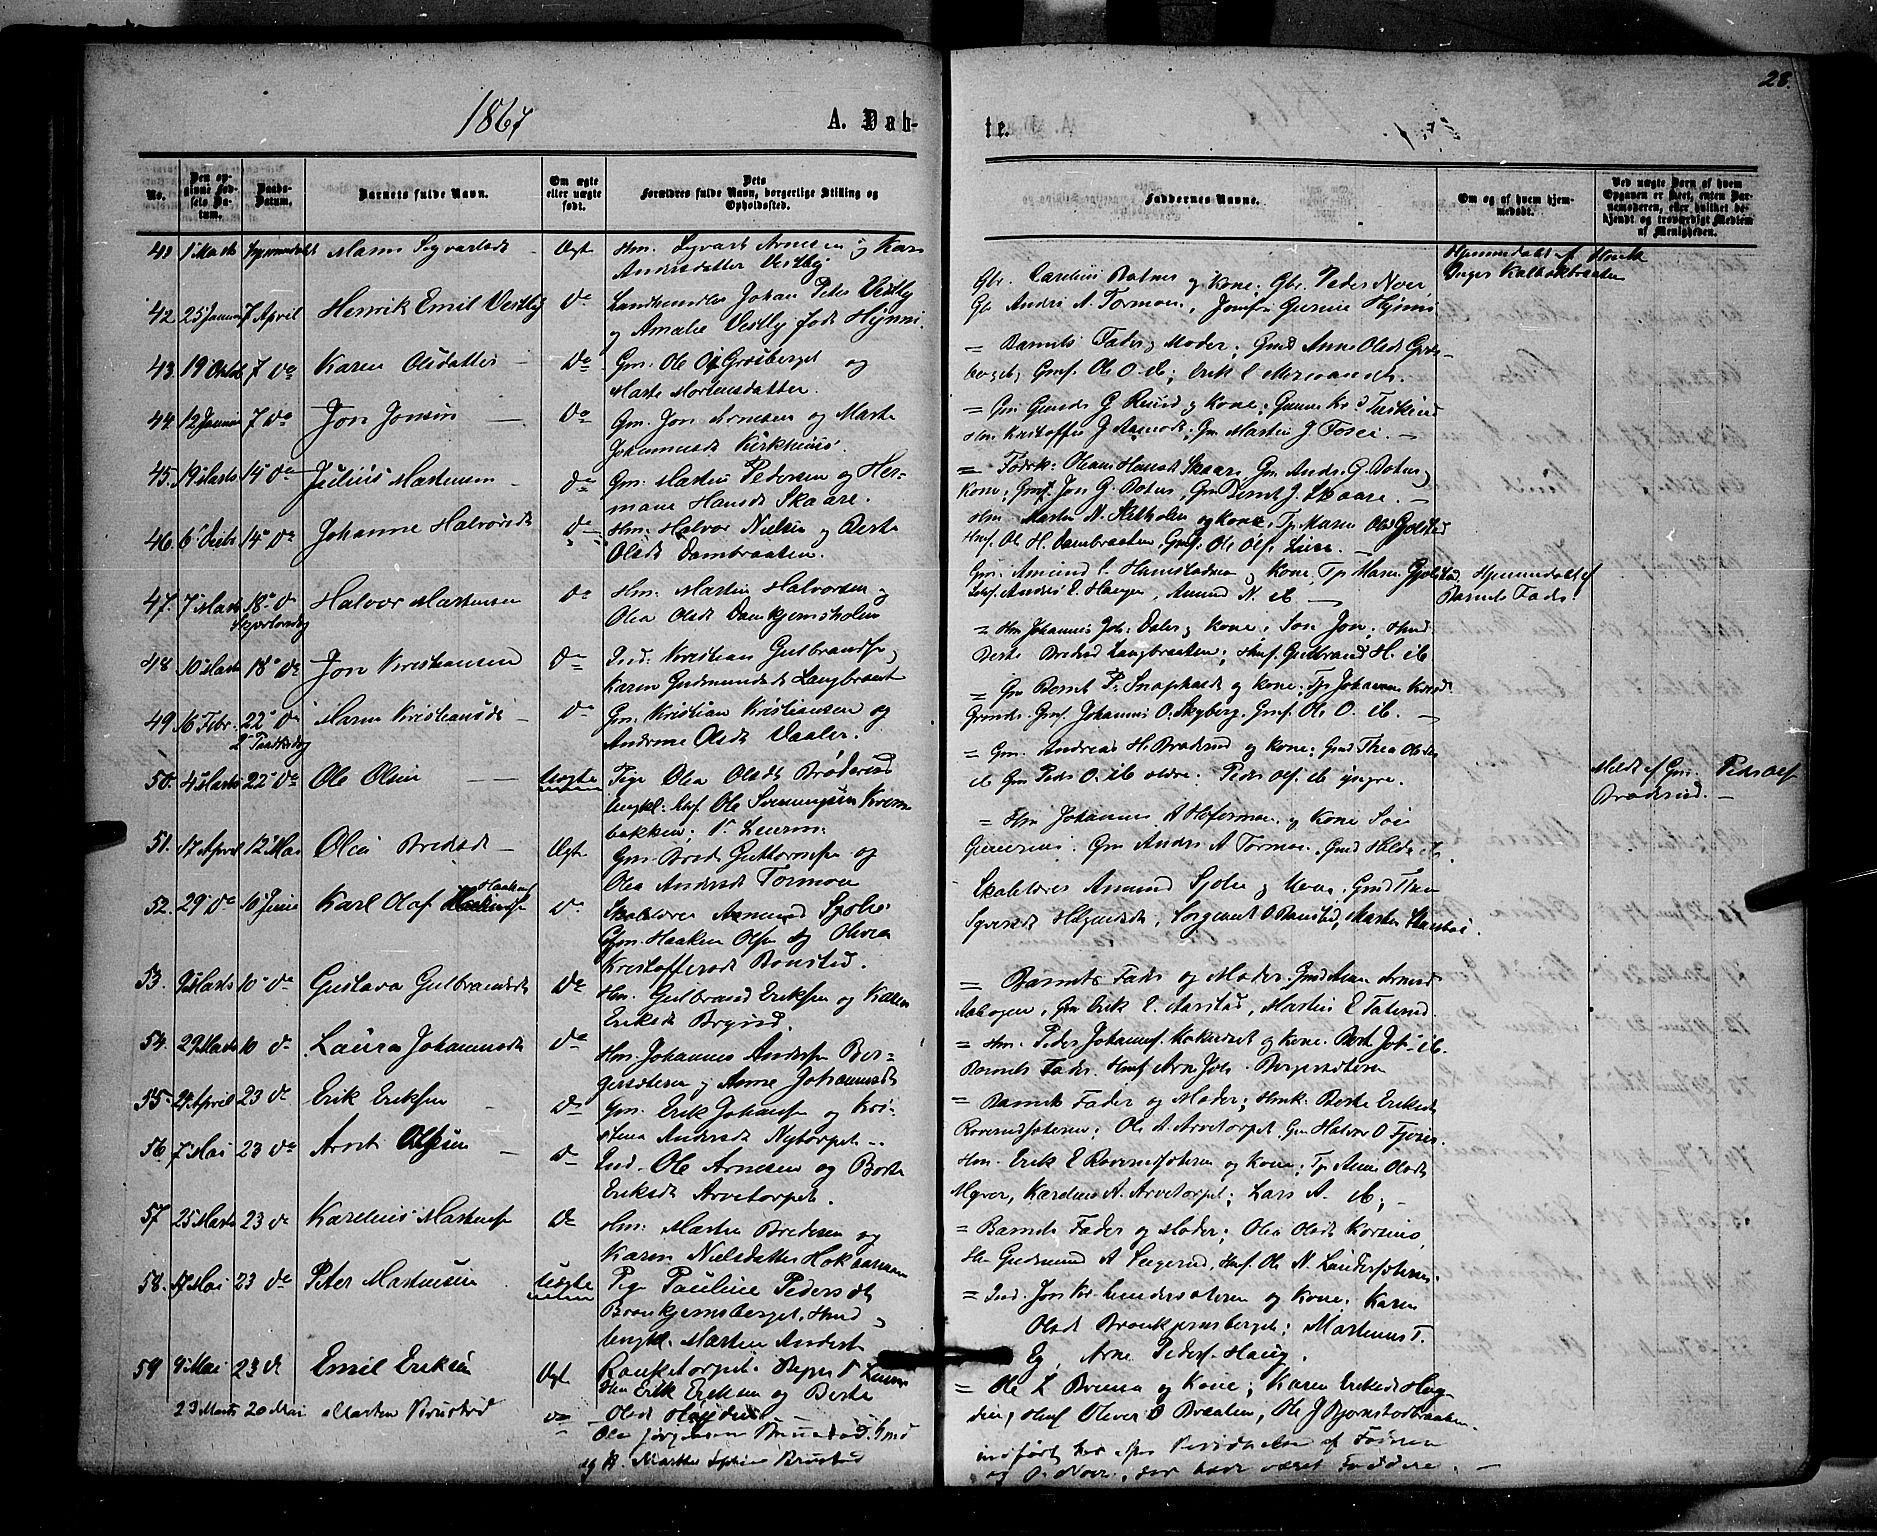 SAH, Brandval prestekontor, H/Ha/Haa/L0001: Ministerialbok nr. 1, 1864-1879, s. 28